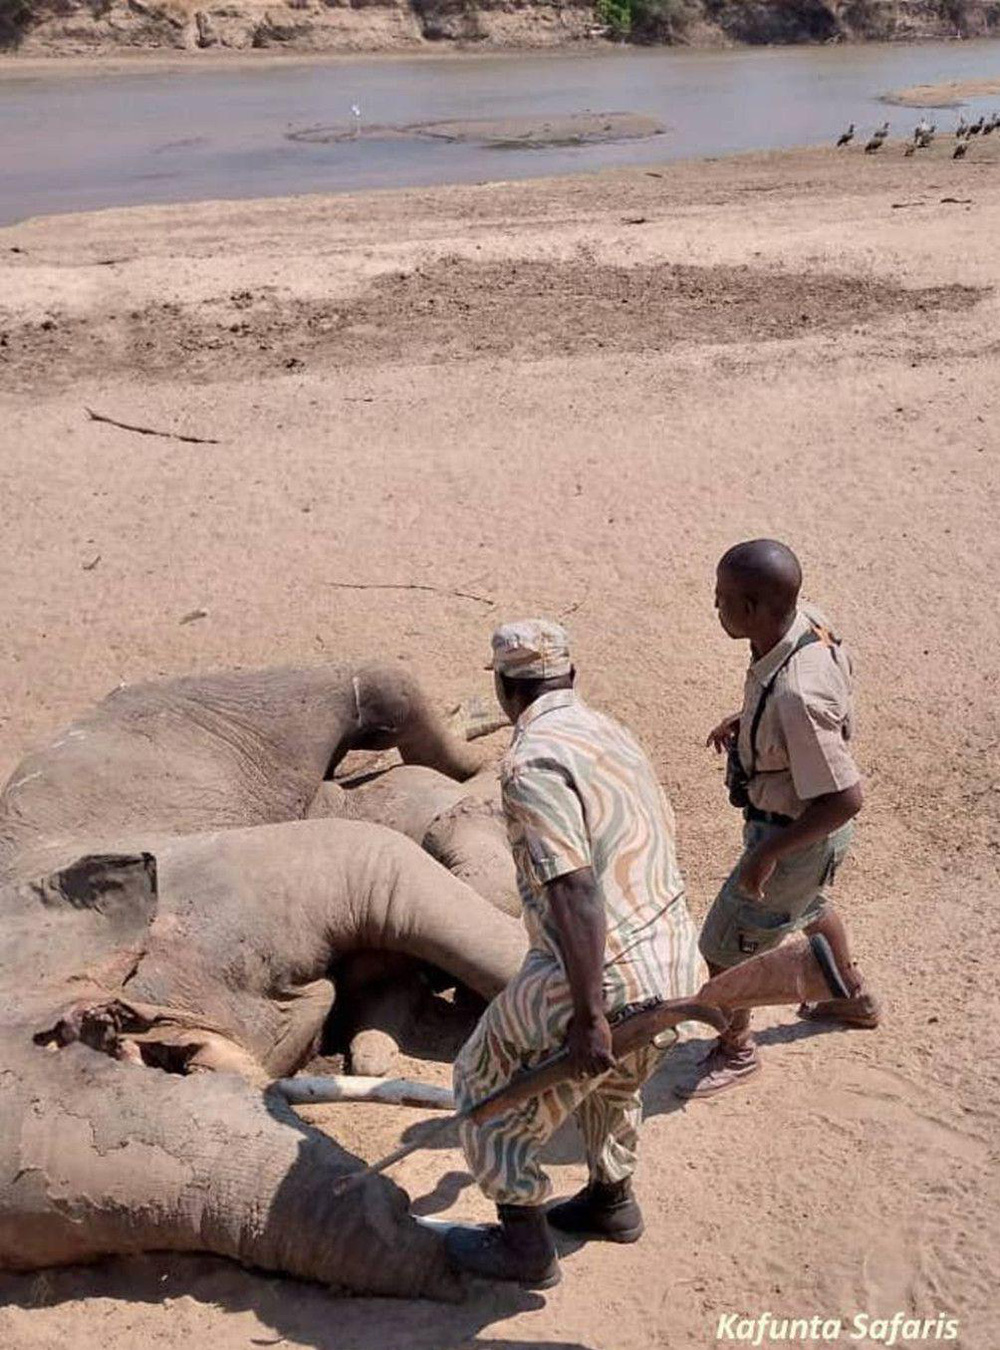 Đến kiểm tra xác voi bên bờ sông, nhà bảo tồn sững sờ khi nhìn thấy thứ bên dưới thi thể 5 tấn - Ảnh 1.